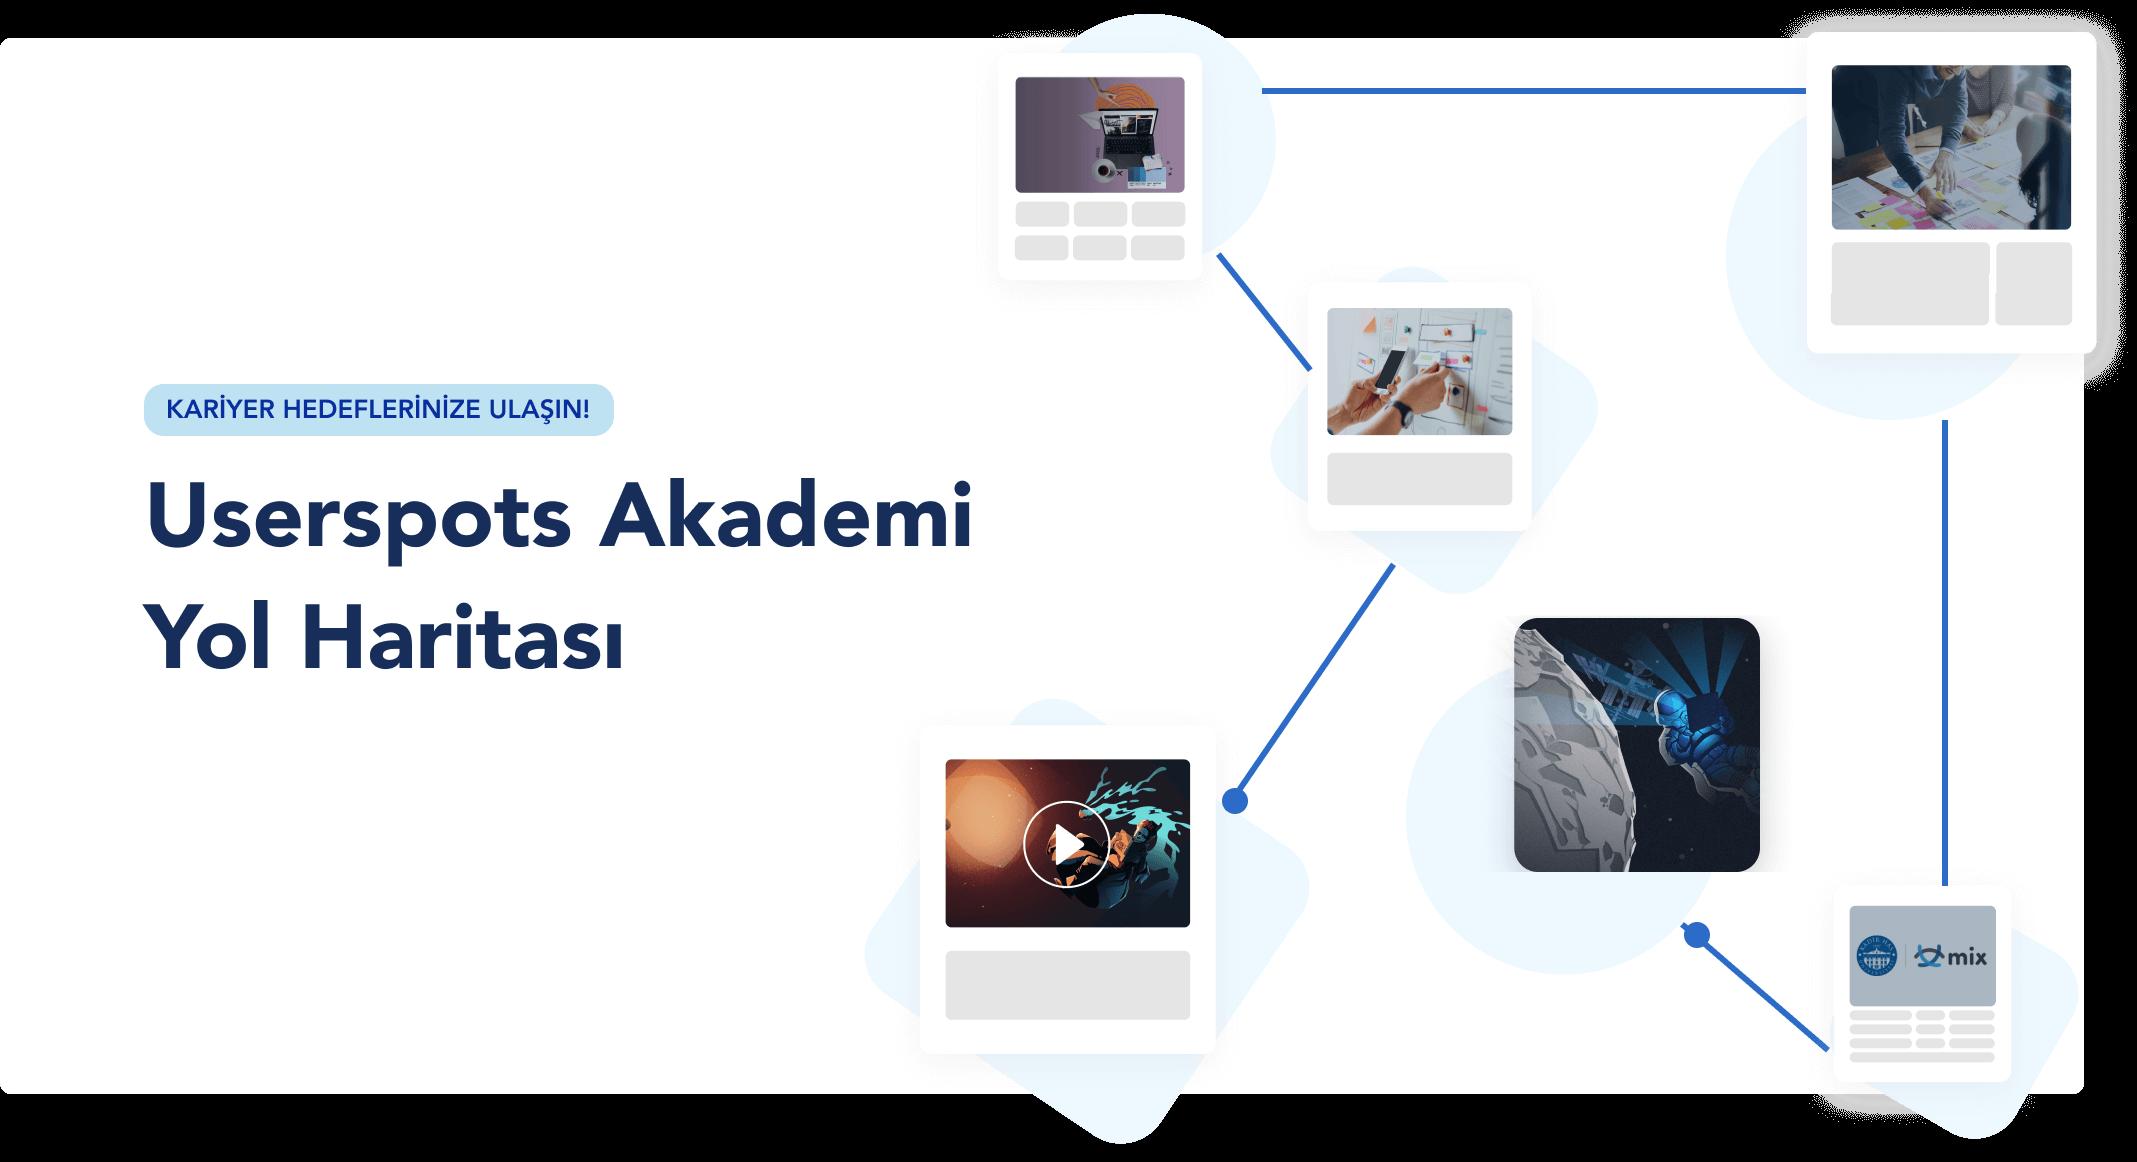 Userspots Akademi Yol Haritası